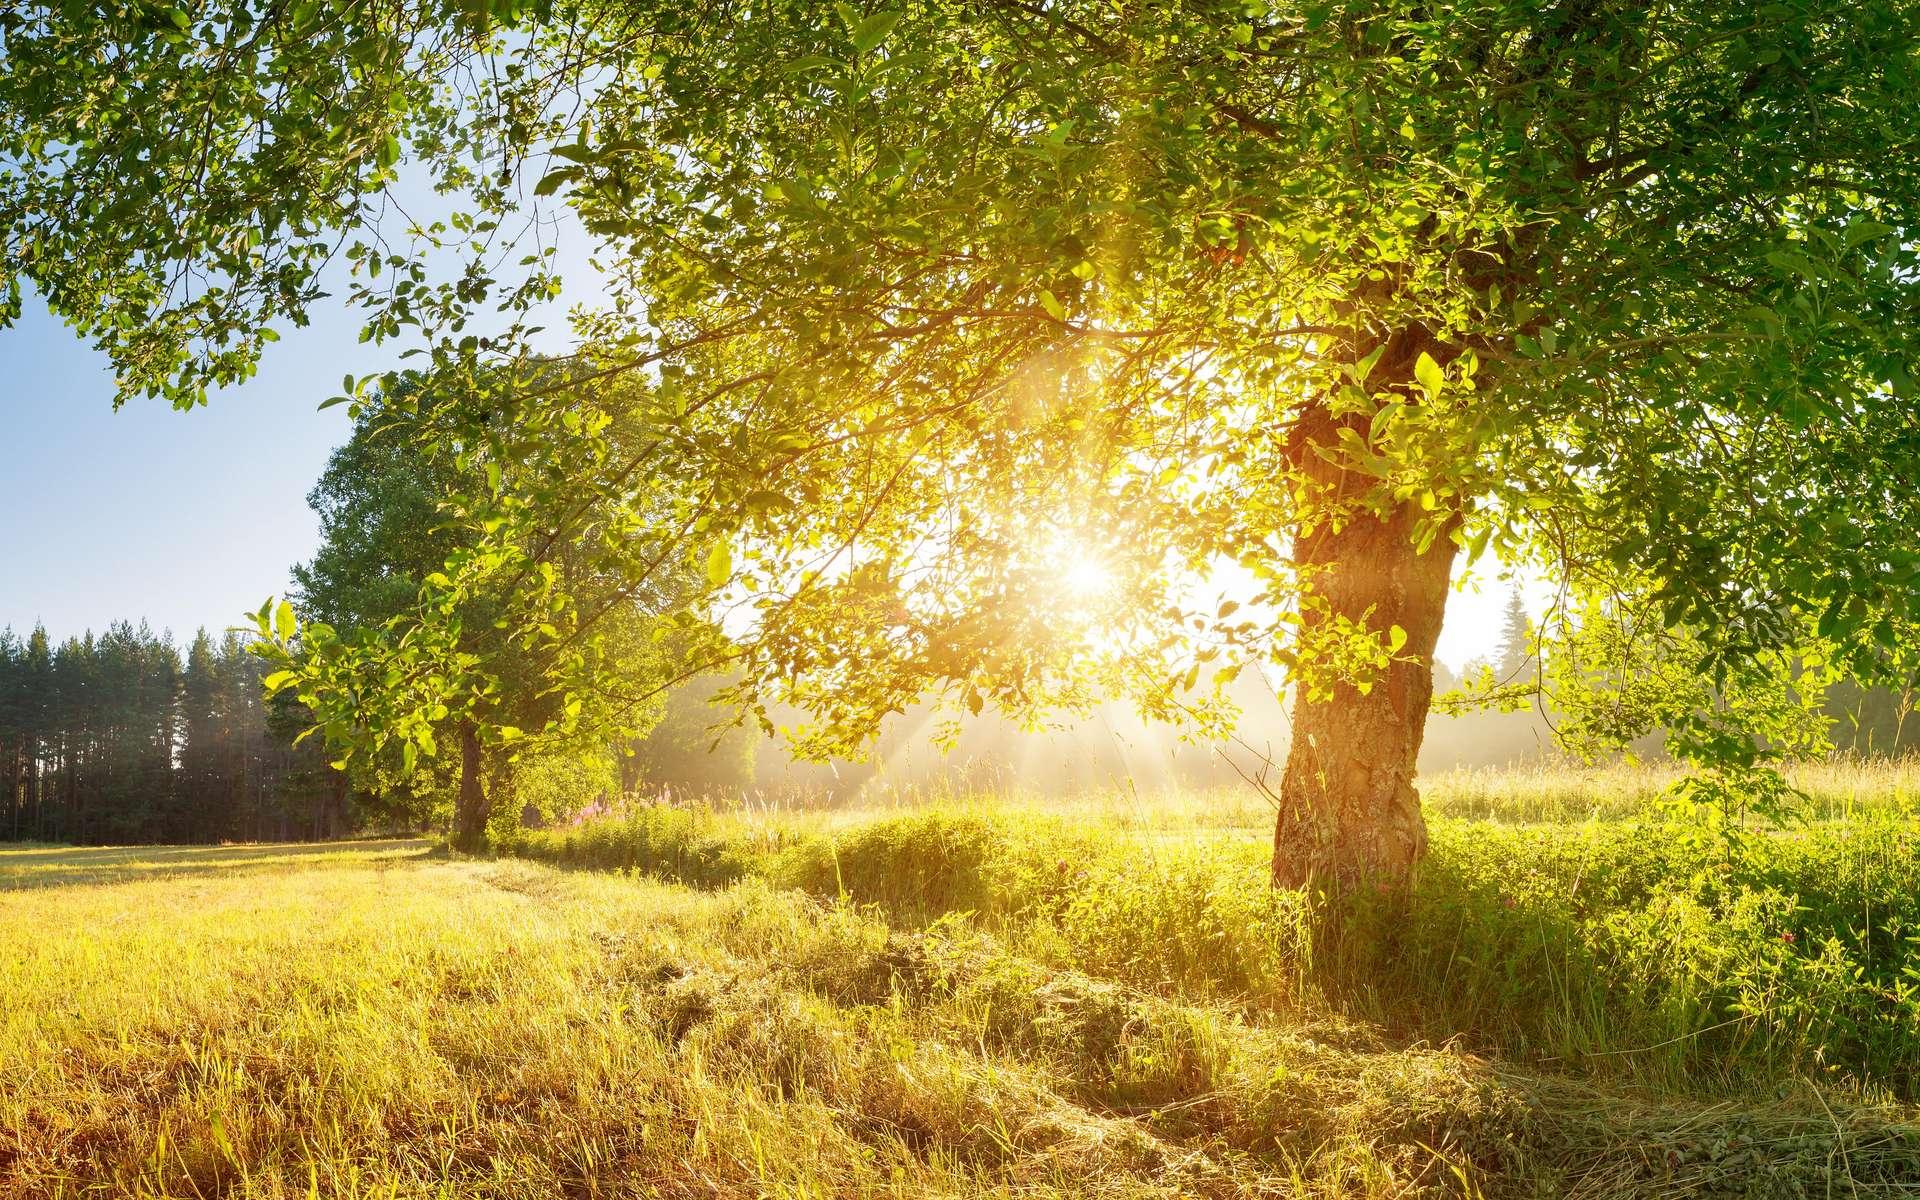 La France métropolitaine abrite 136 espèces d'arbres (chiffre du ministère de l'Agriculture, de l'Agroalimentaire et de la Forêt). © candy1812, Adobe Stock